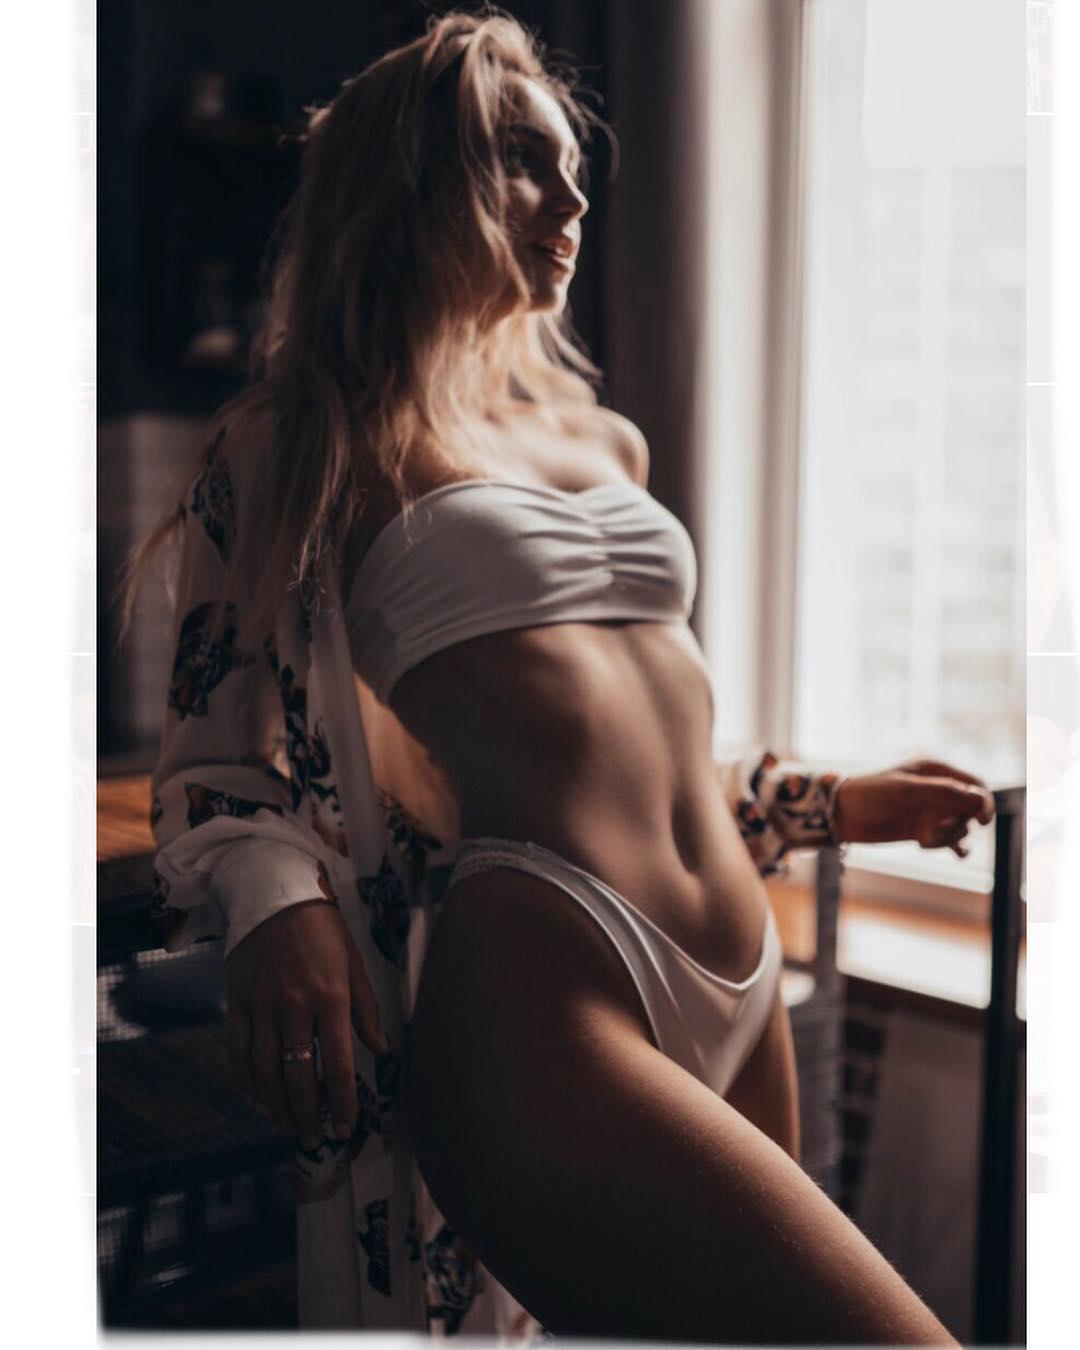 Регина Тодоренко горячие фото сестра Аня